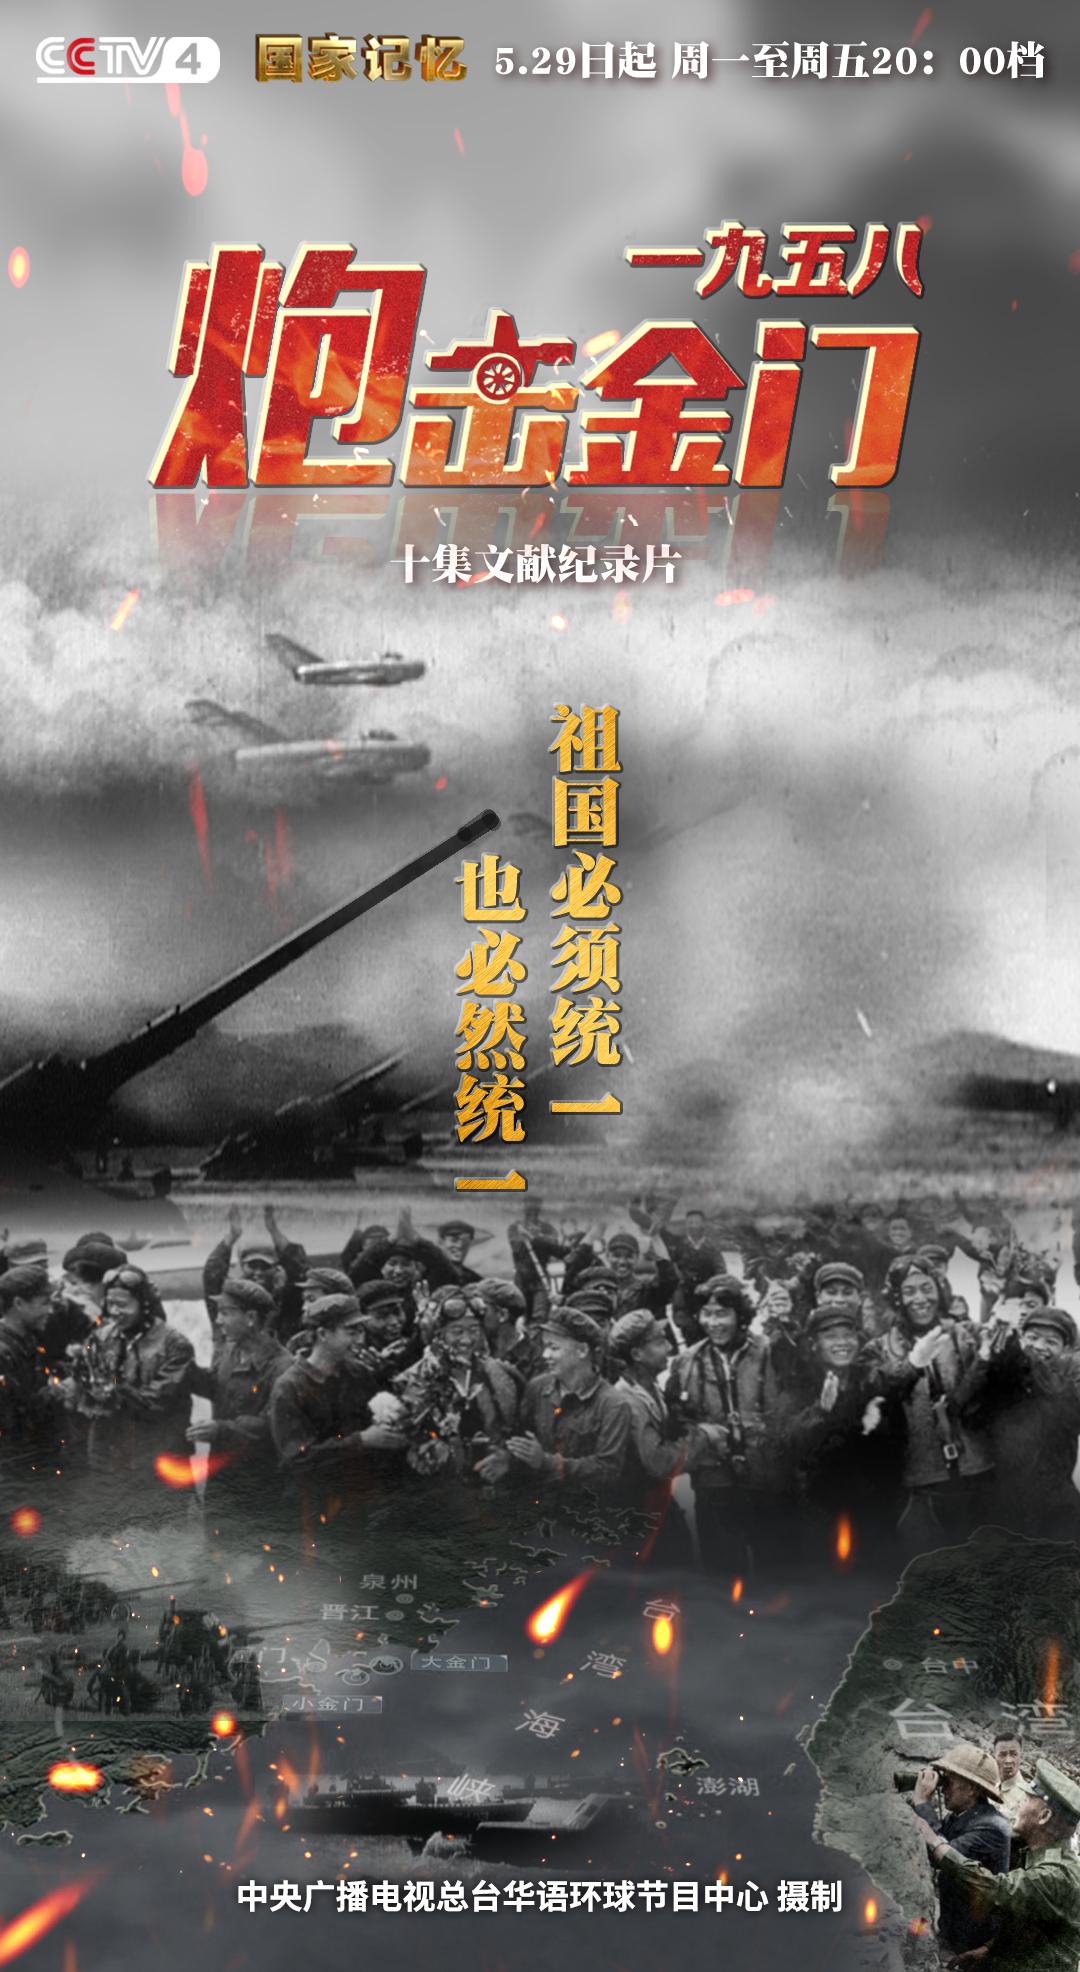 《一九五八炮击金门》海报